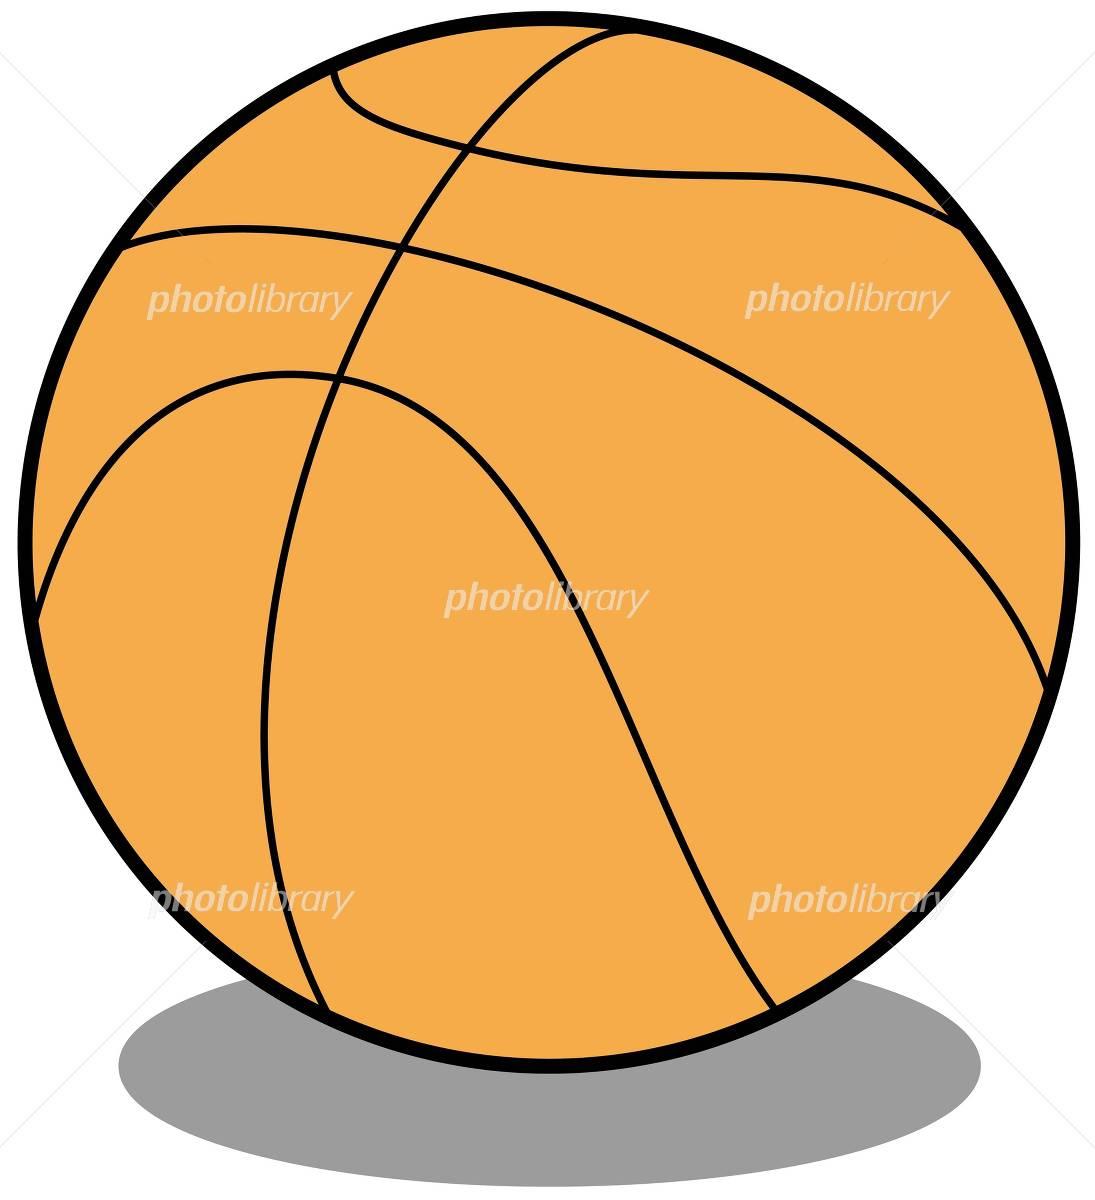 バスケットボールの画像 p1_22